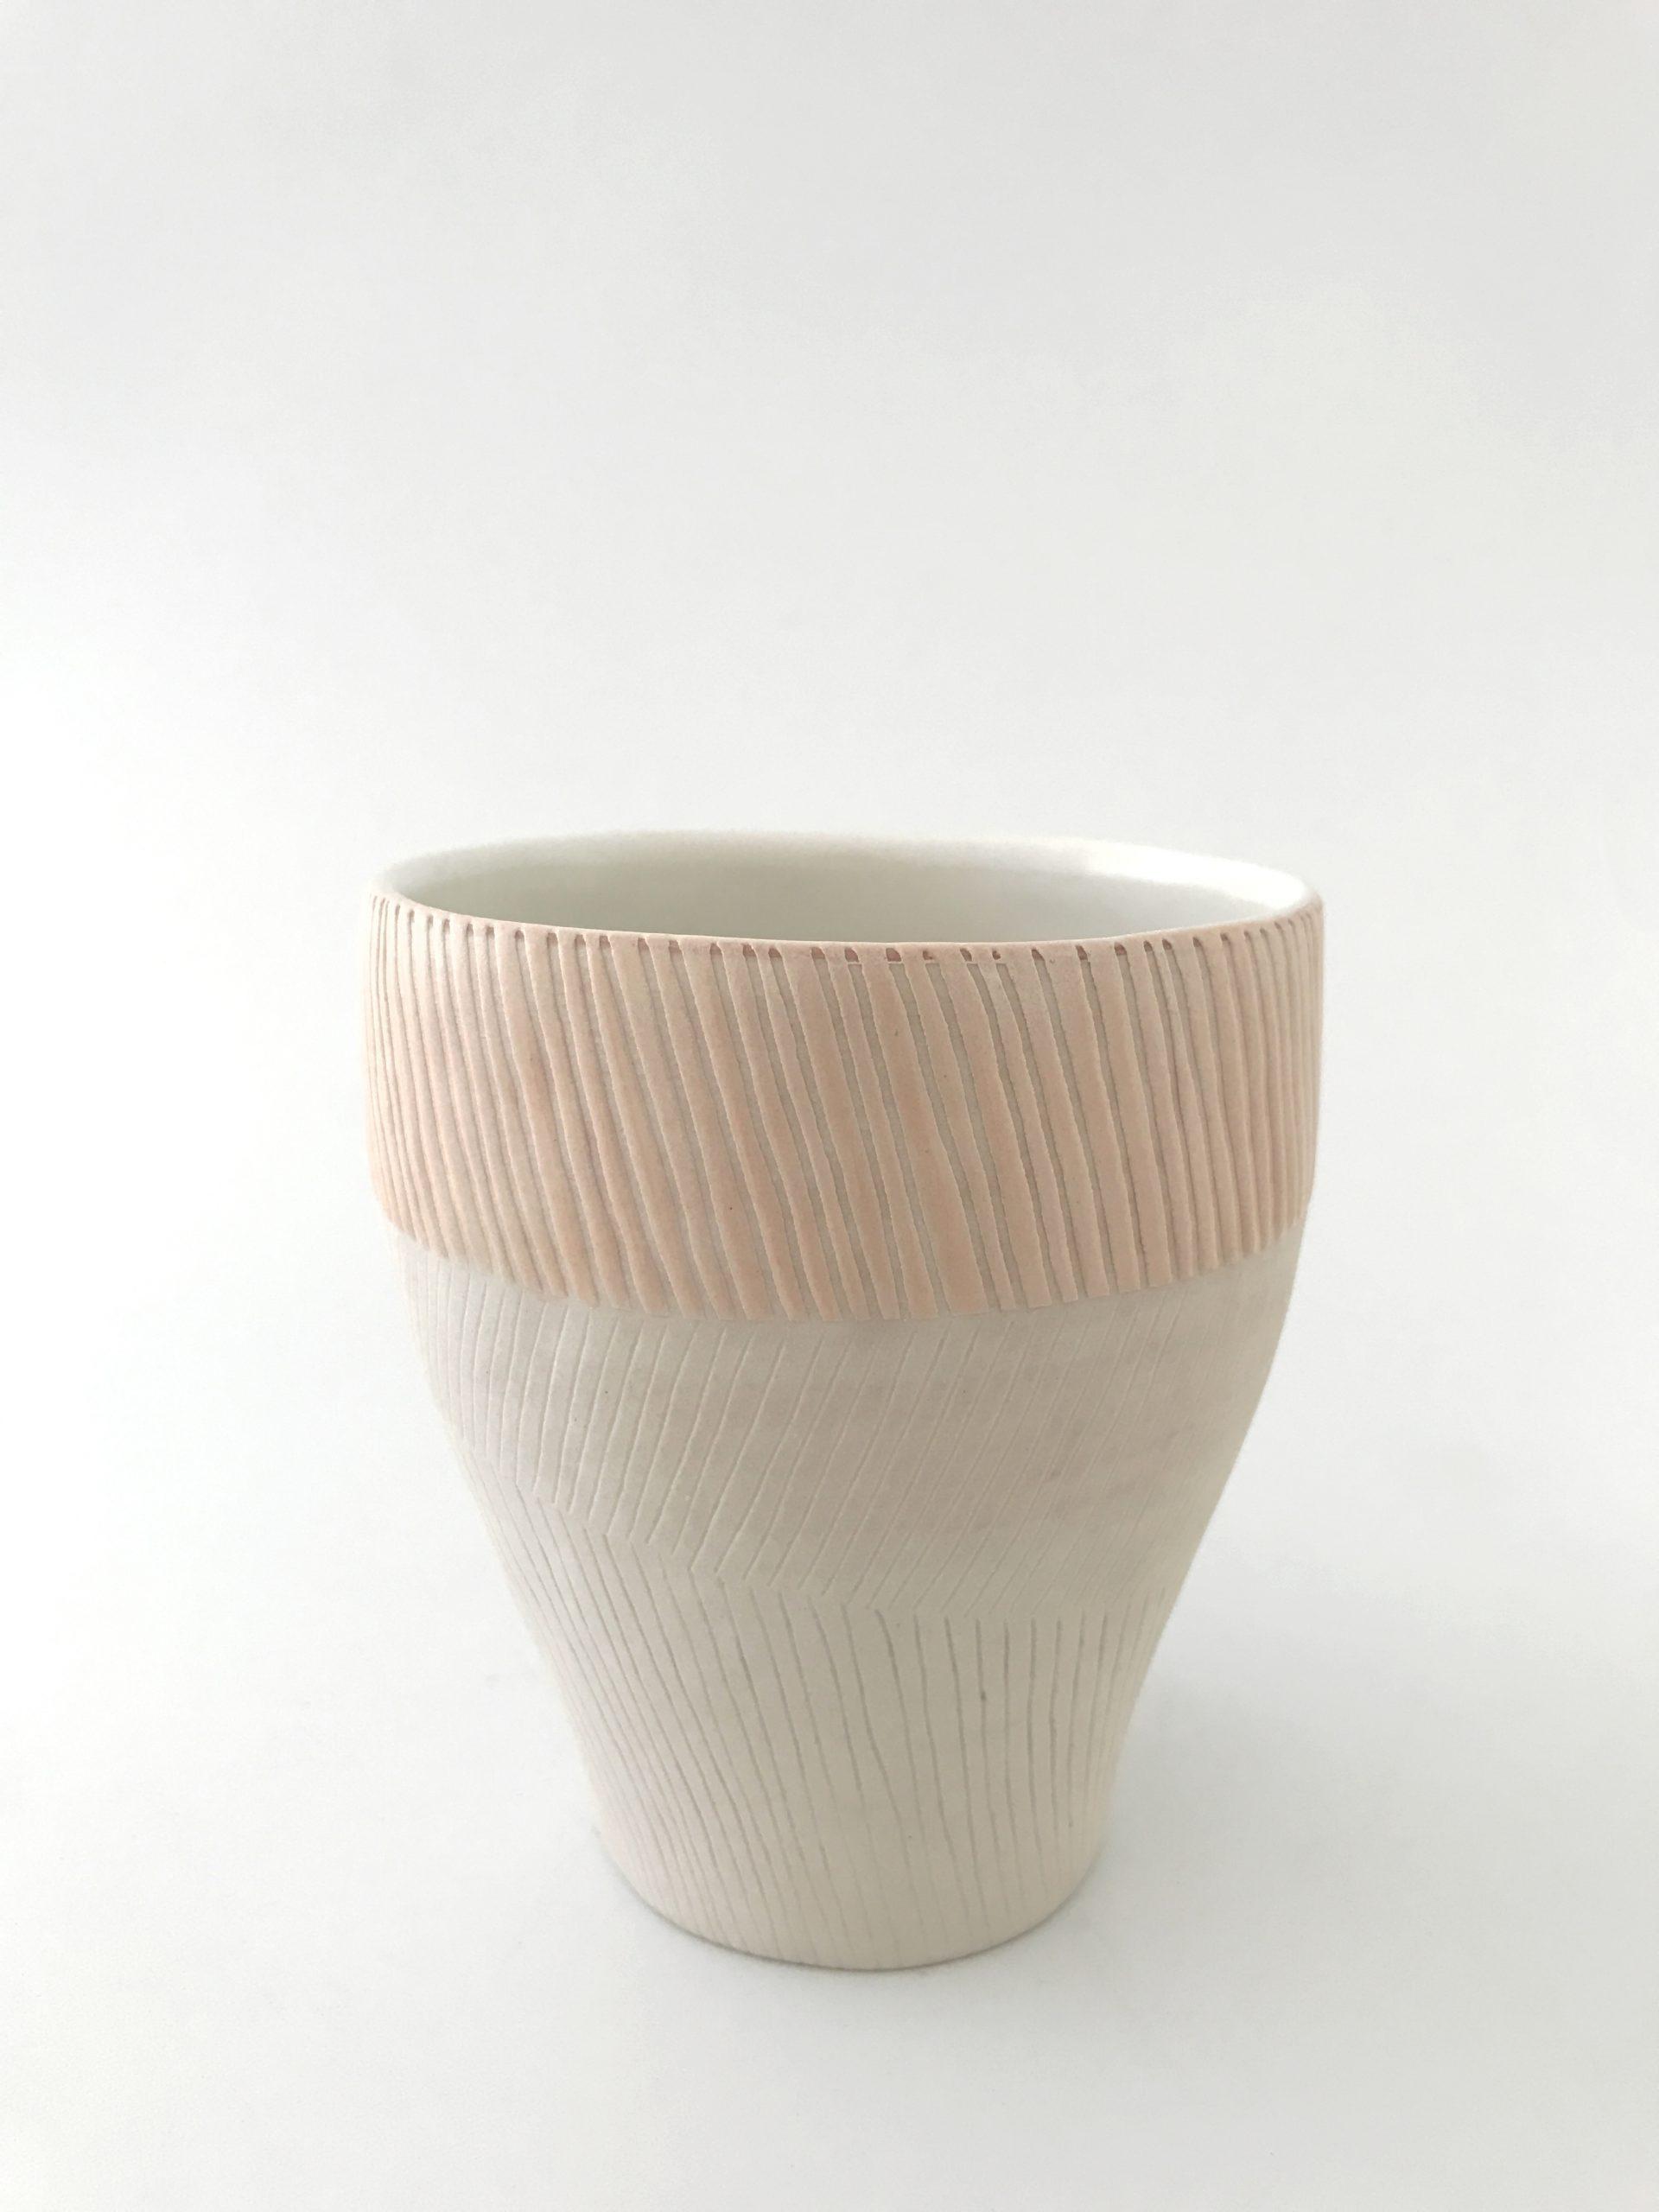 craft in america here/now yunomi Liz Pechacek yunomi